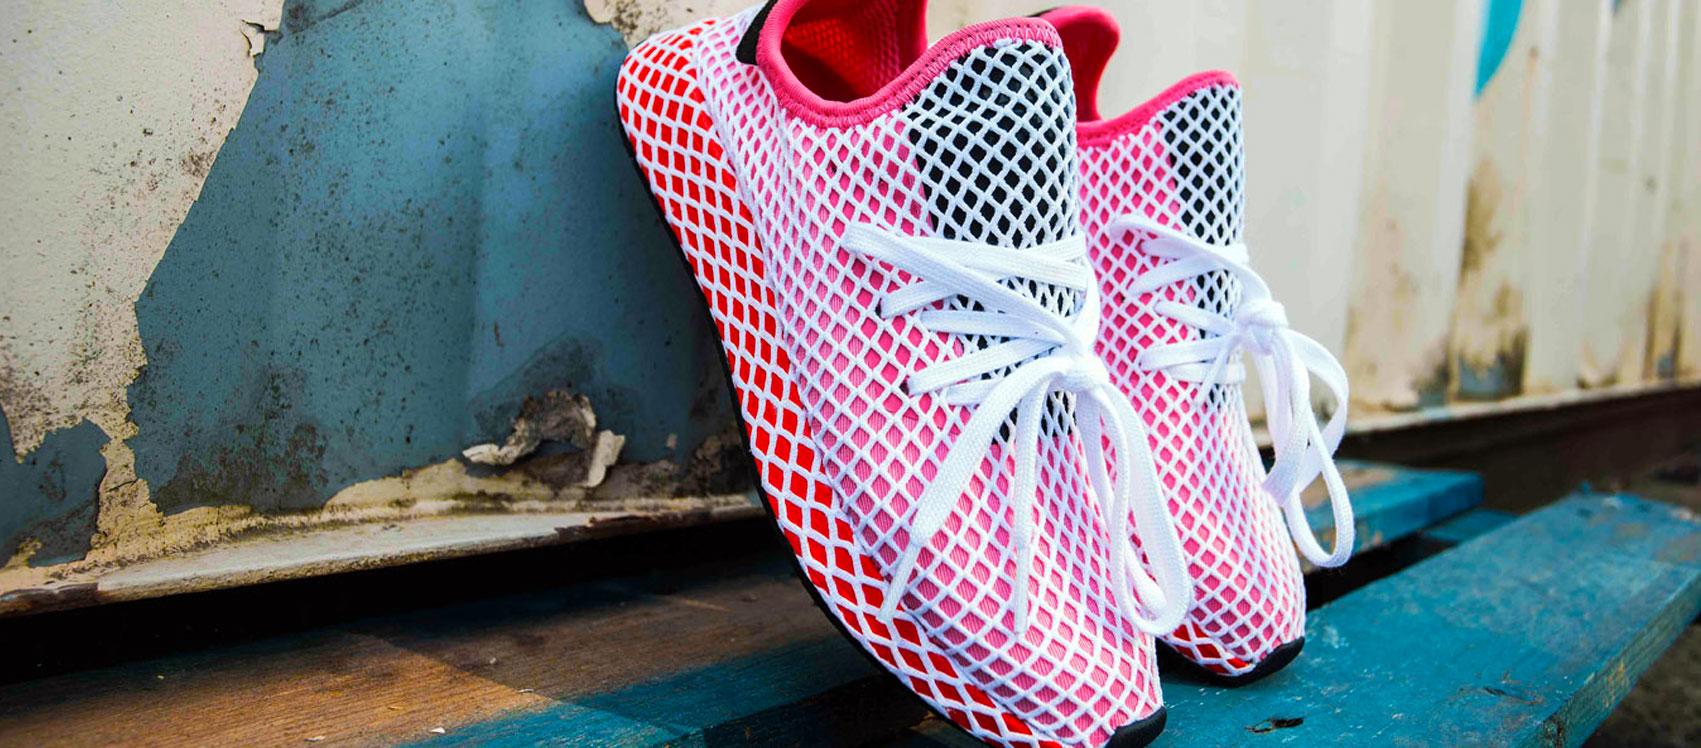 4af9c792fac03 adidas Deerupt - new colorways